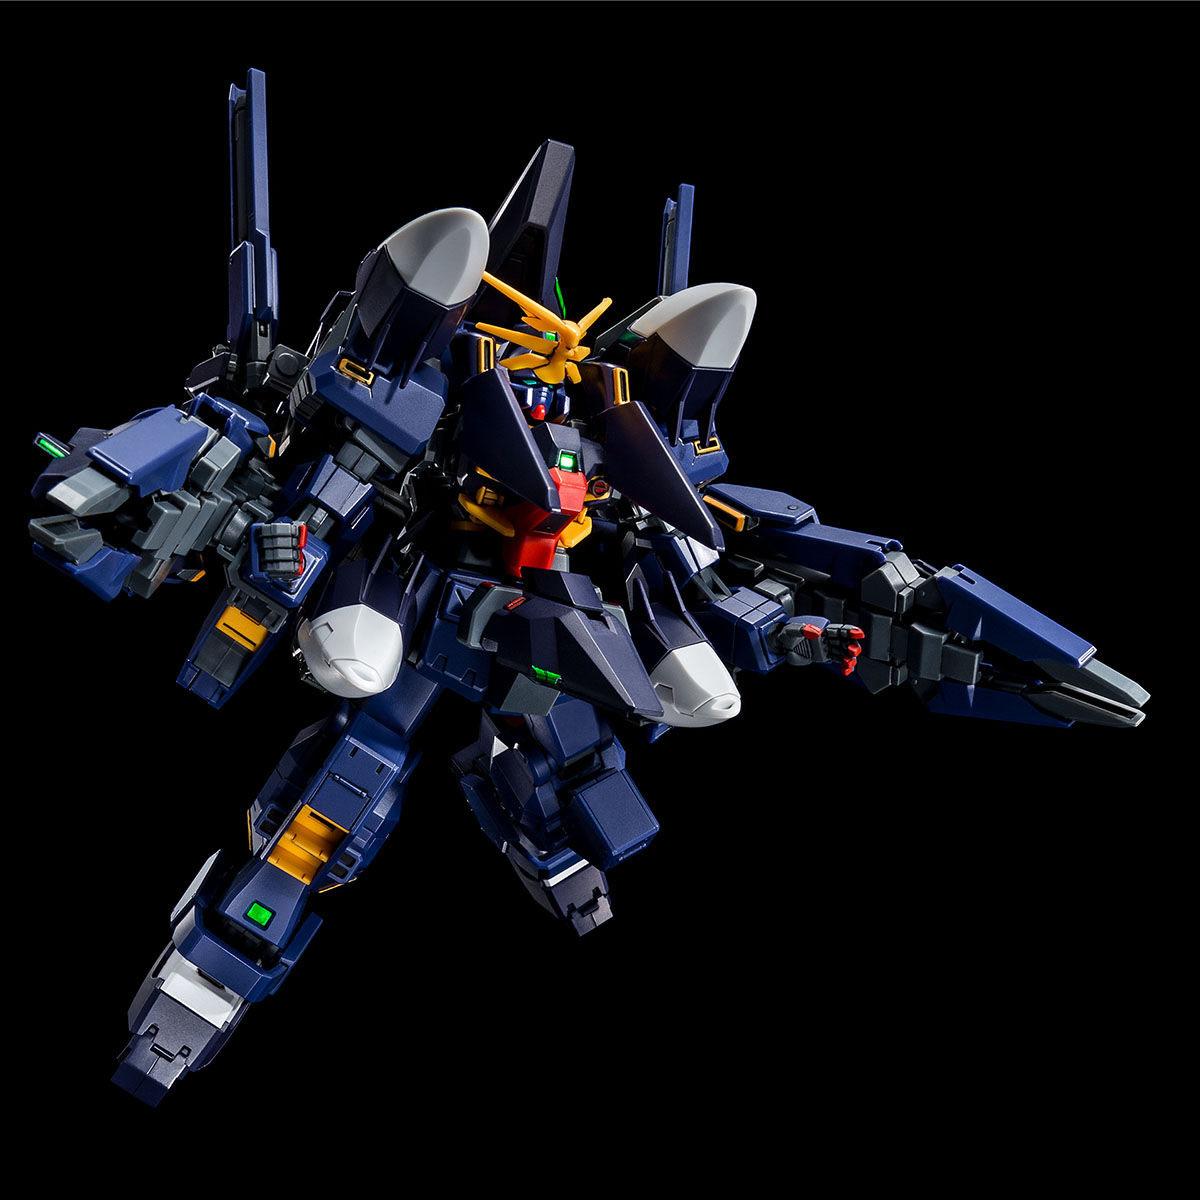 【限定販売】HG 1/144『ガンダムTR-1[ハイゼンスレイ・ラーII]』プラモデル-007